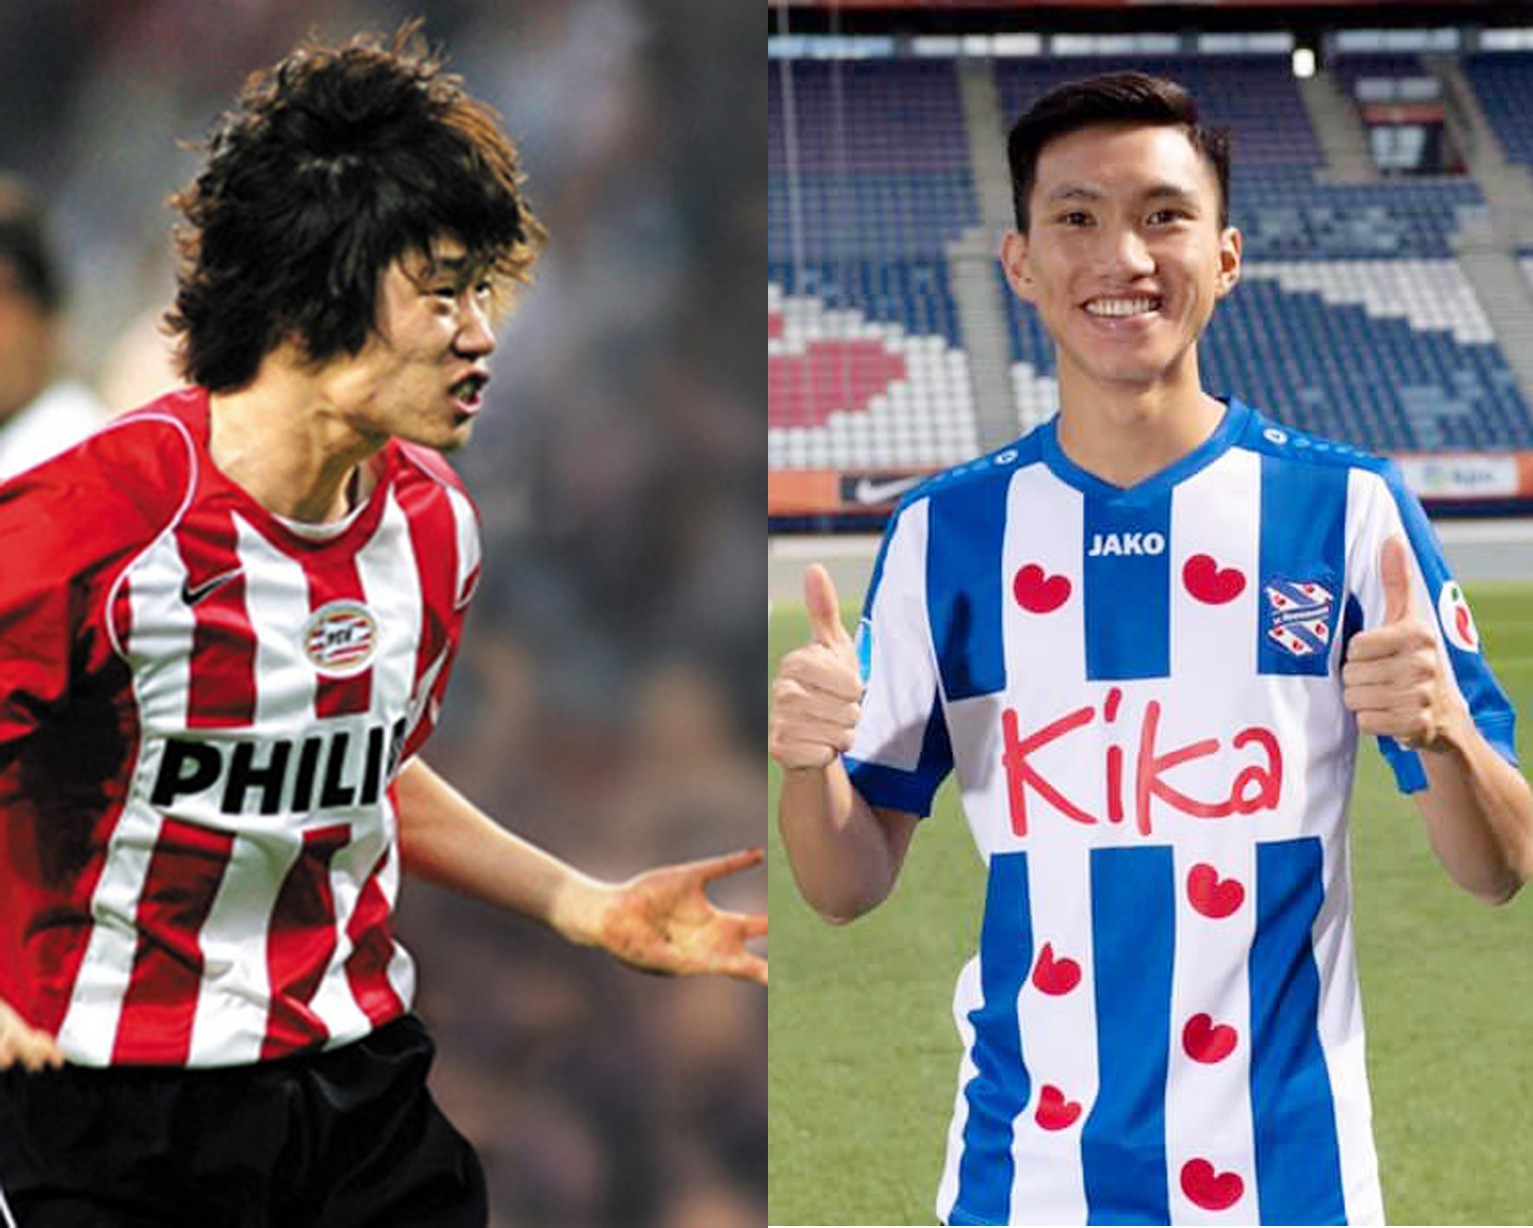 Đoàn Văn Hậu có bước đi đầu tiên giống huyền thoại bóng đá Hàn Quốc Park Ji-sung. Ảnh: SC Heerenveen, PSV Eindhoven.